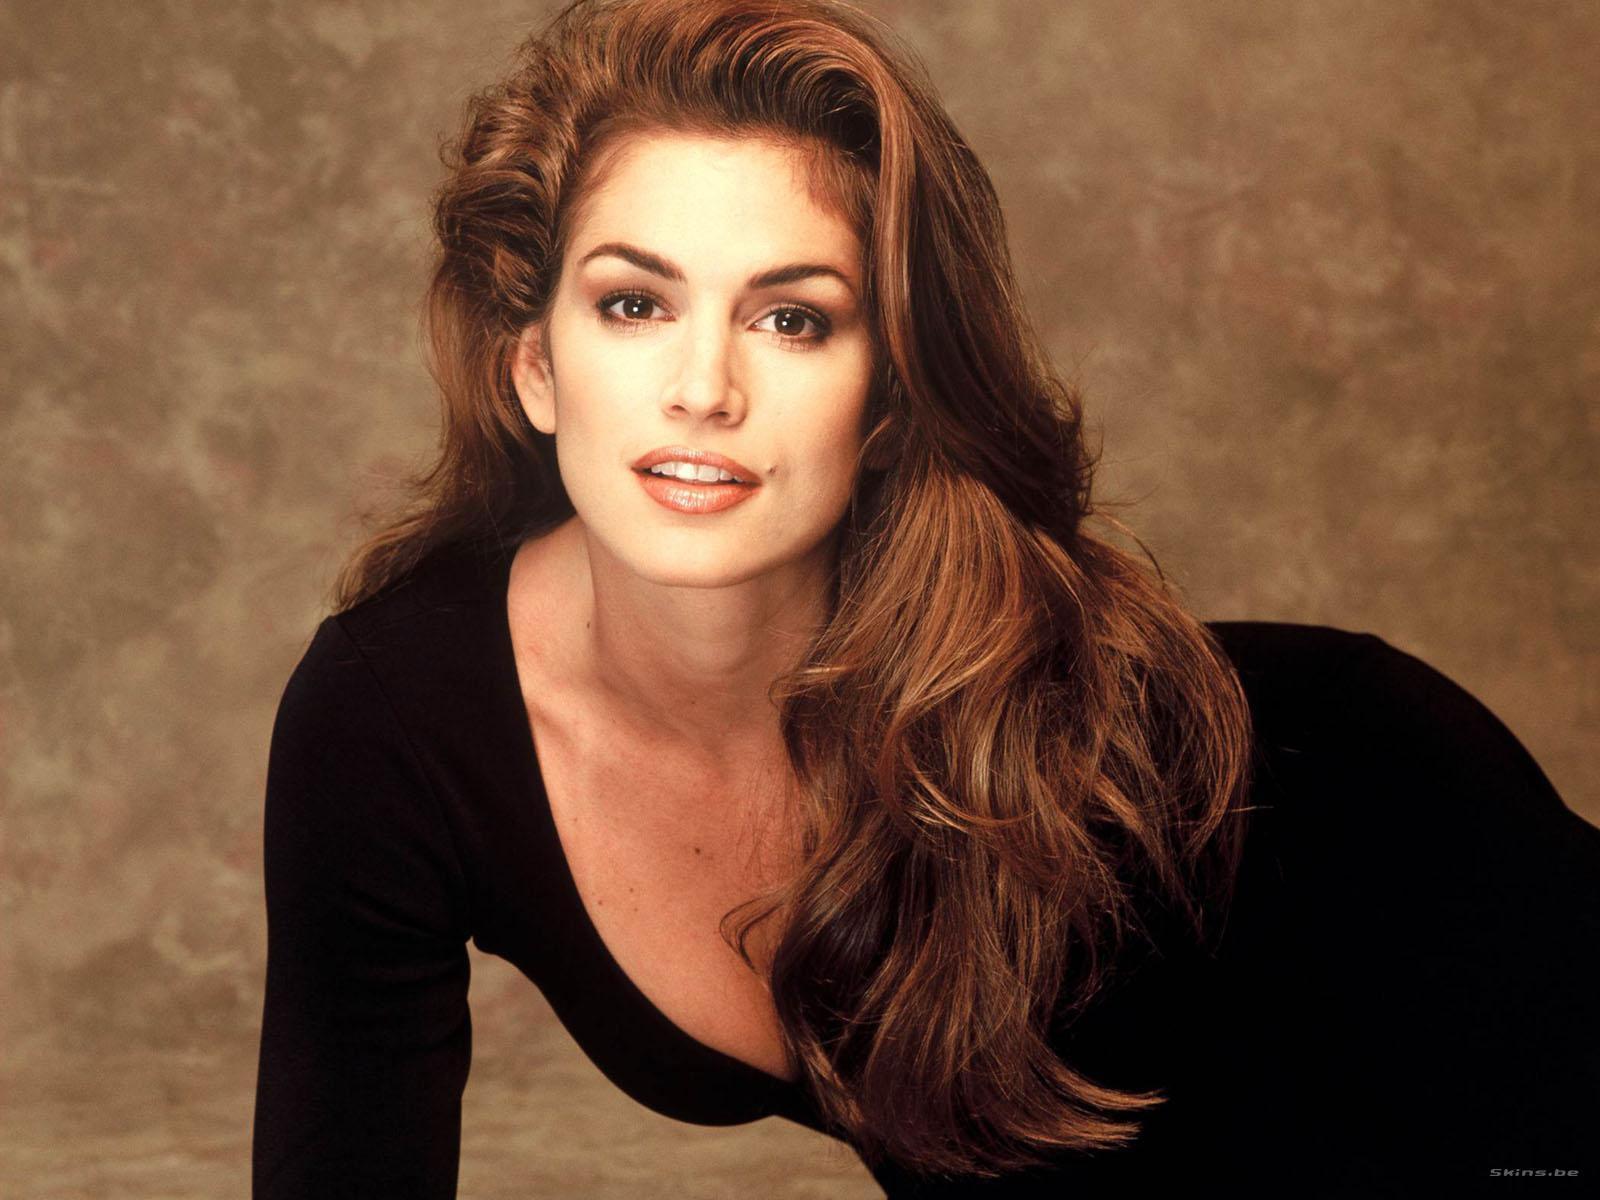 Những huyền thoại sắc đẹp của thập niên 90 khiến bạn thốt lên: Đây mới đúng là nữ thần! - Ảnh 1.